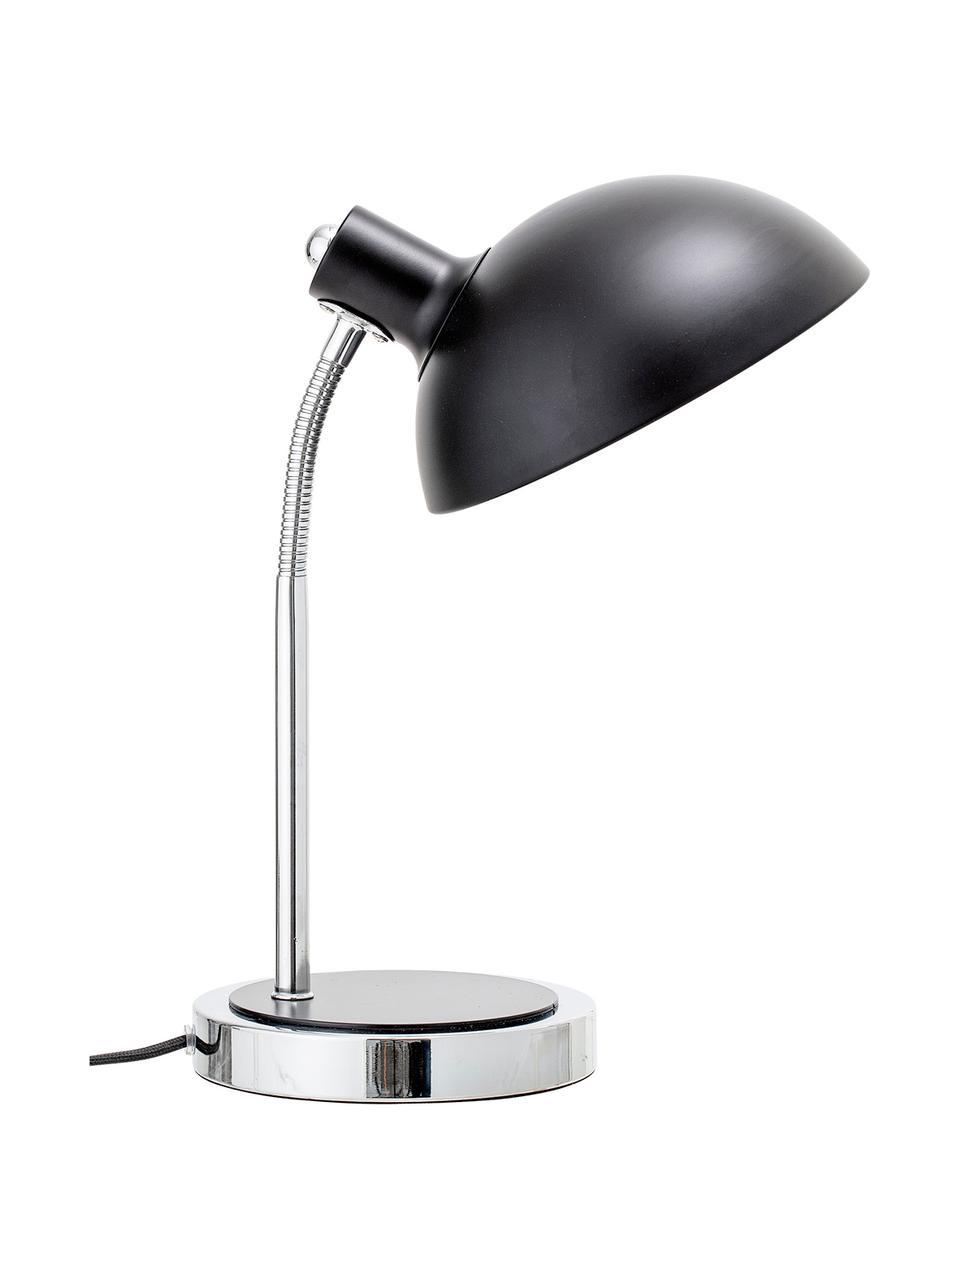 Schreibtischlampe Charlotte in Schwarz, Lampenschirm: Metall, lackiert, Gestell: Metall, Lampenfuß: Metall, lackiert, Schwarz, Ø 23 x H 40 cm